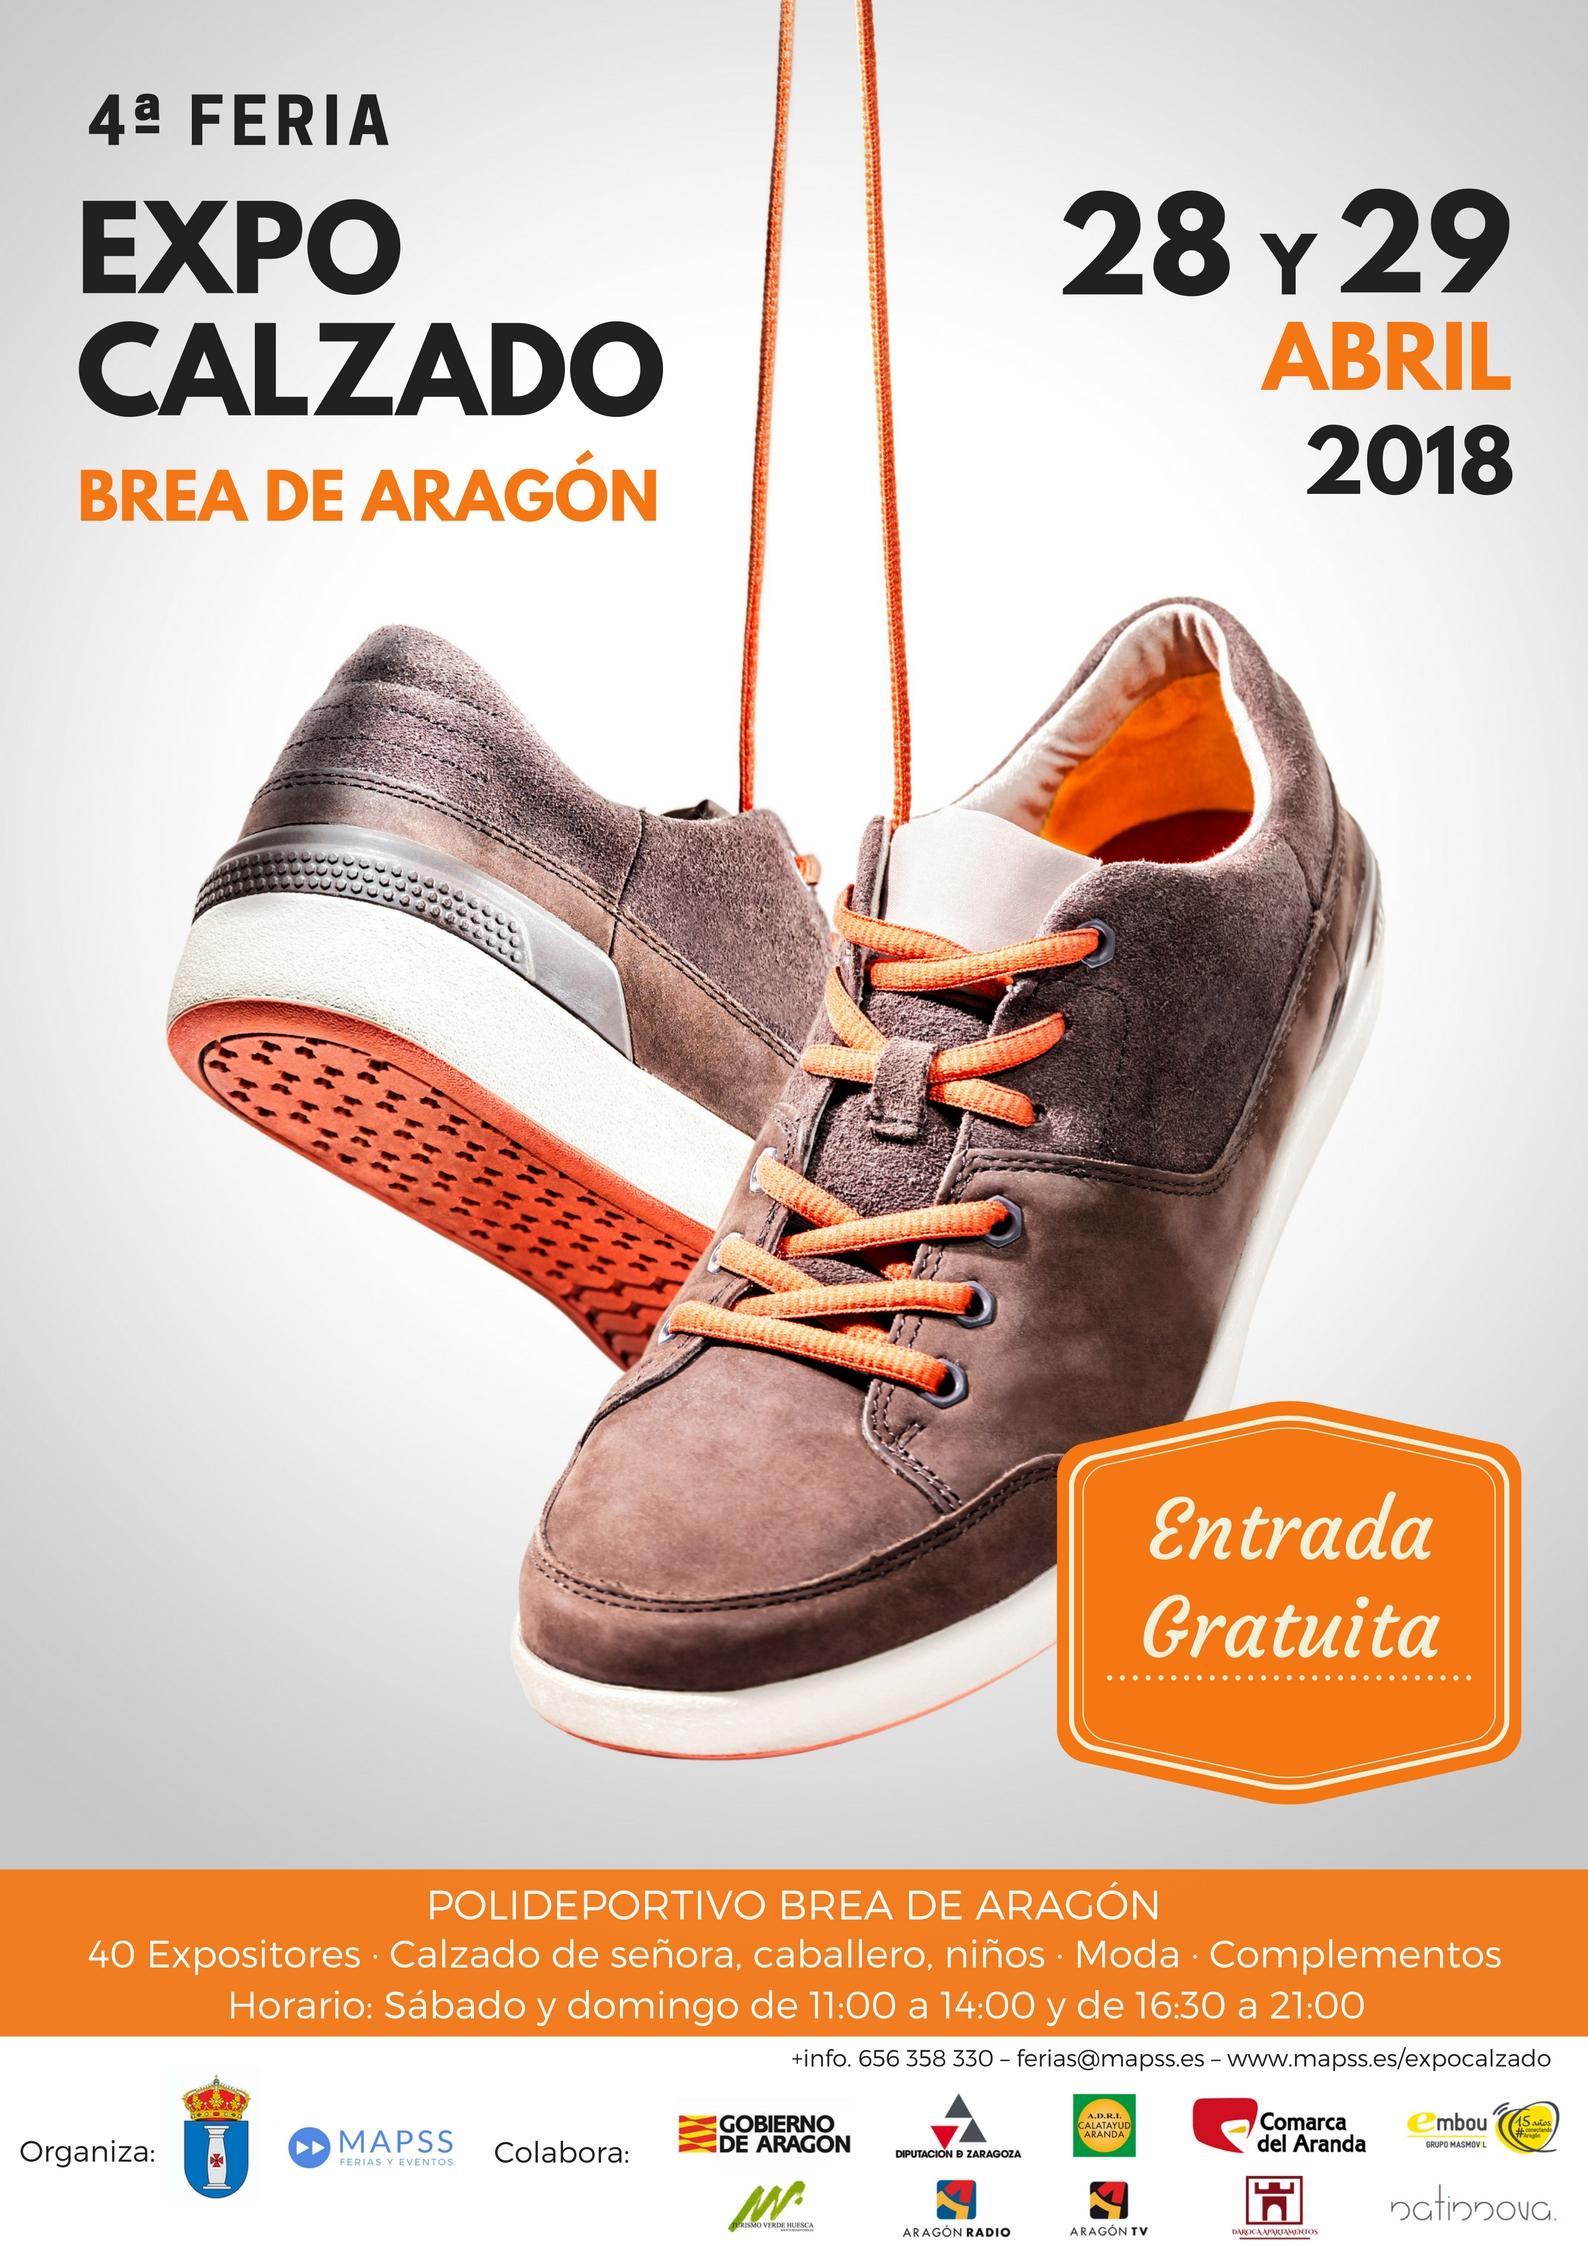 4º Feria Expo Calzado Brea de Aragón